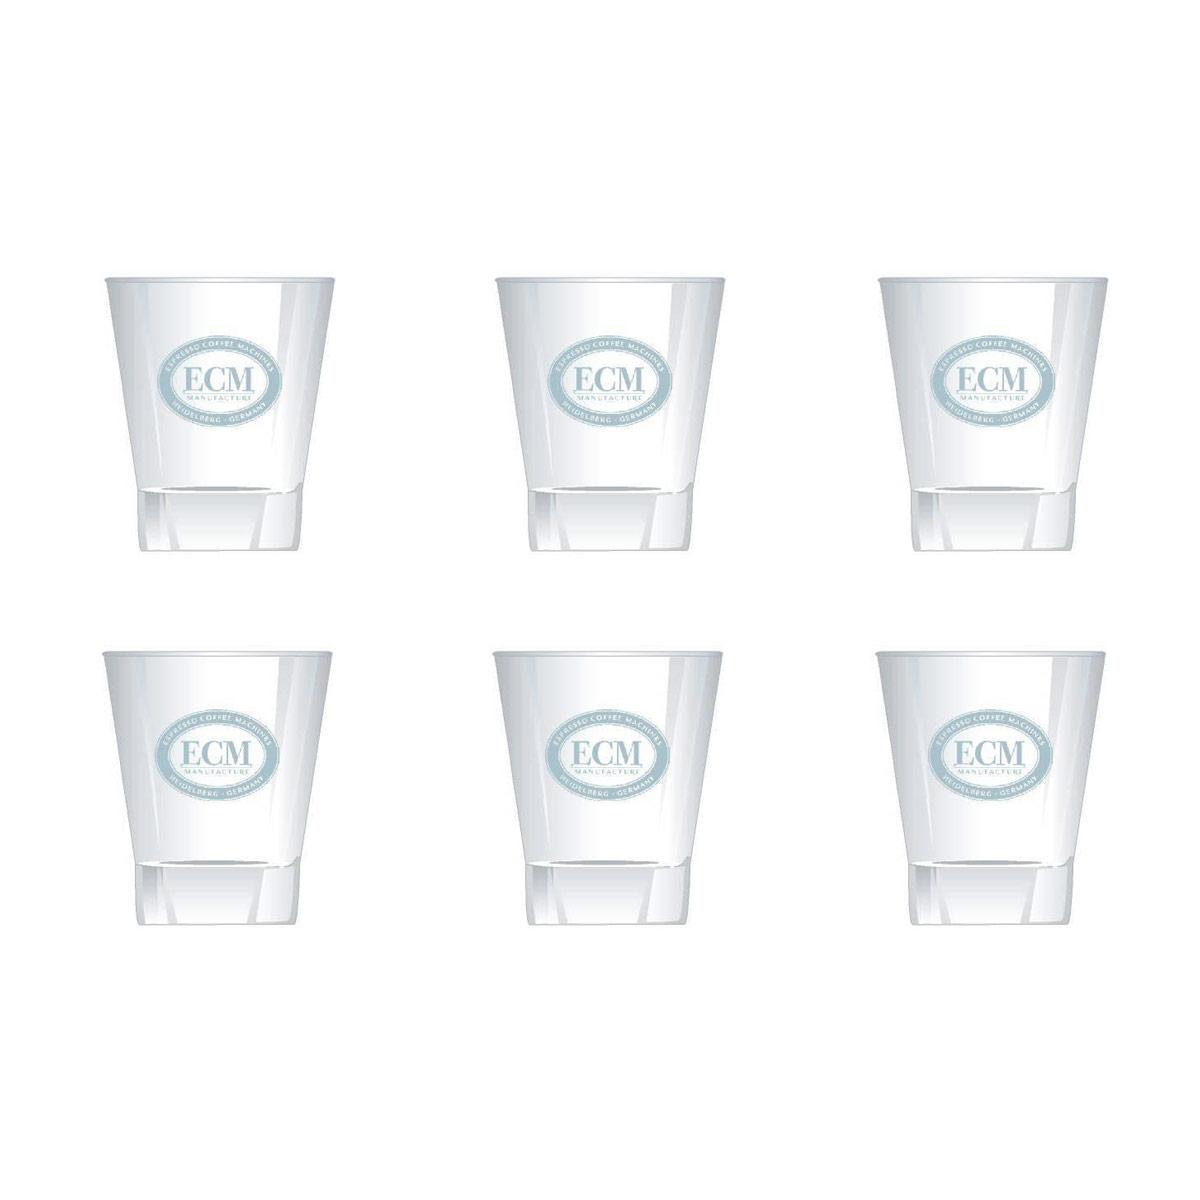 ECM Espresso 90ml / 3oz Glass Set of 6 - GC1001